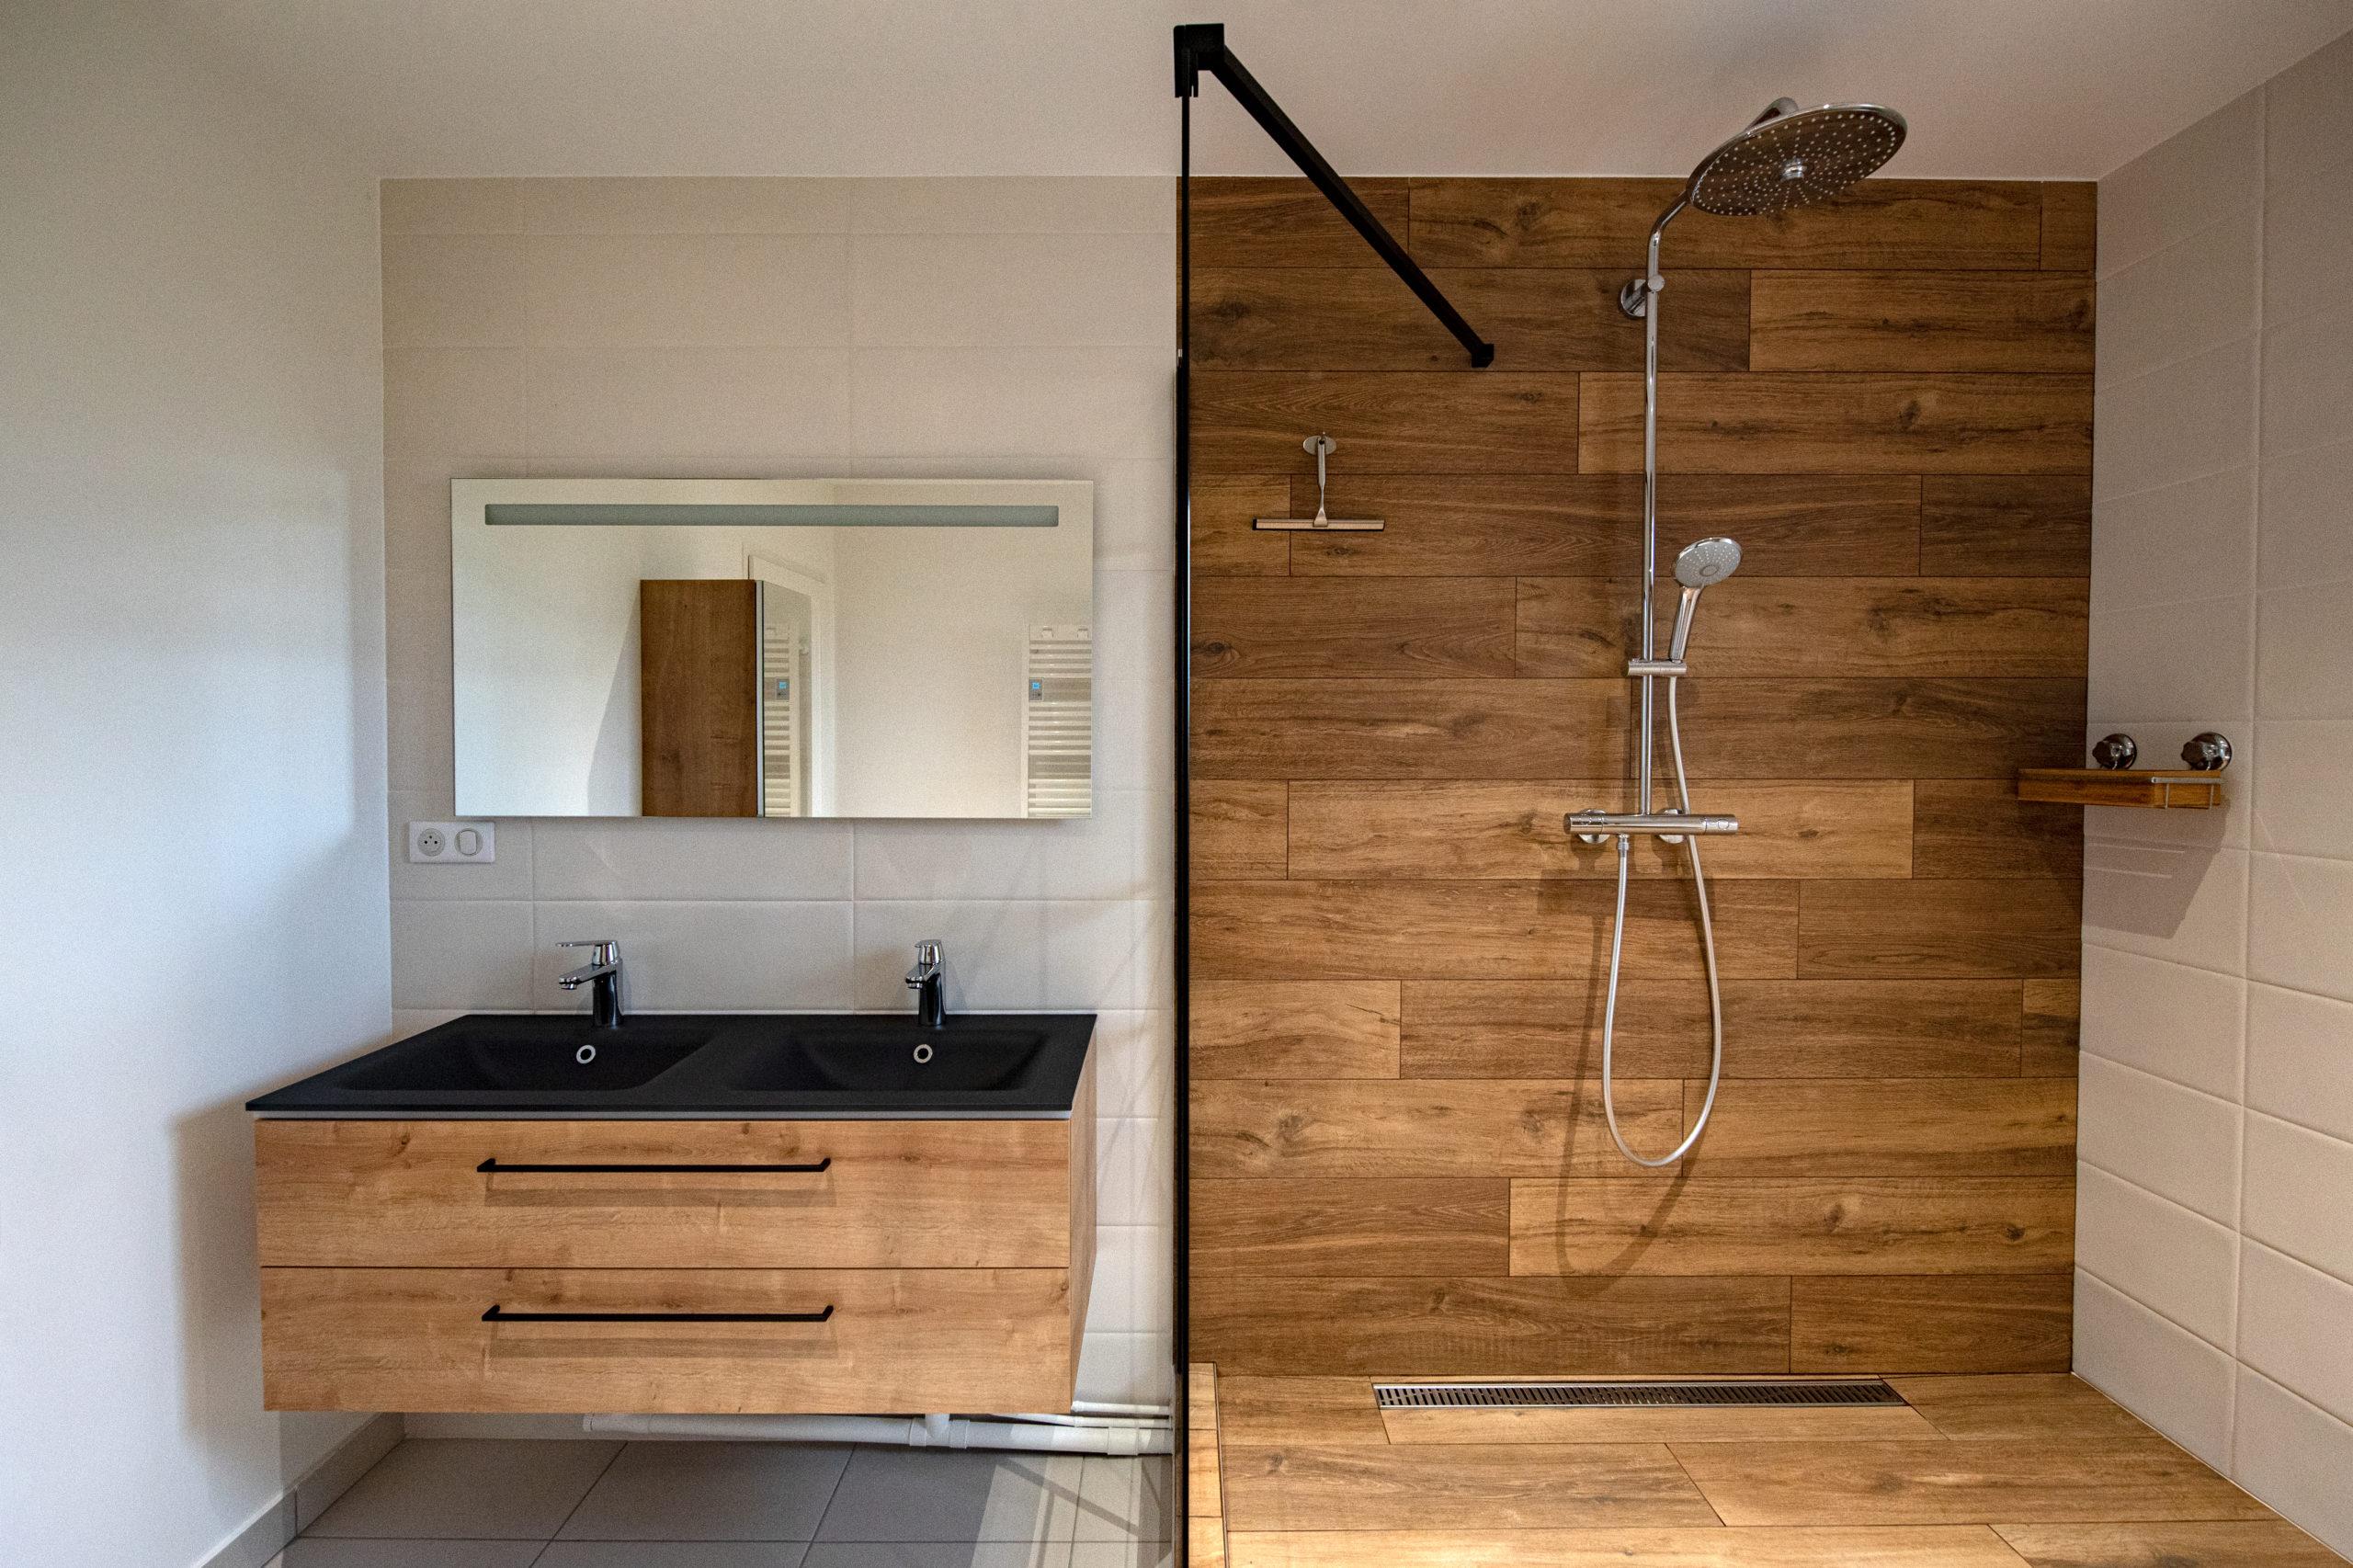 projet salle bain douche loft industriel moderne intemporelle